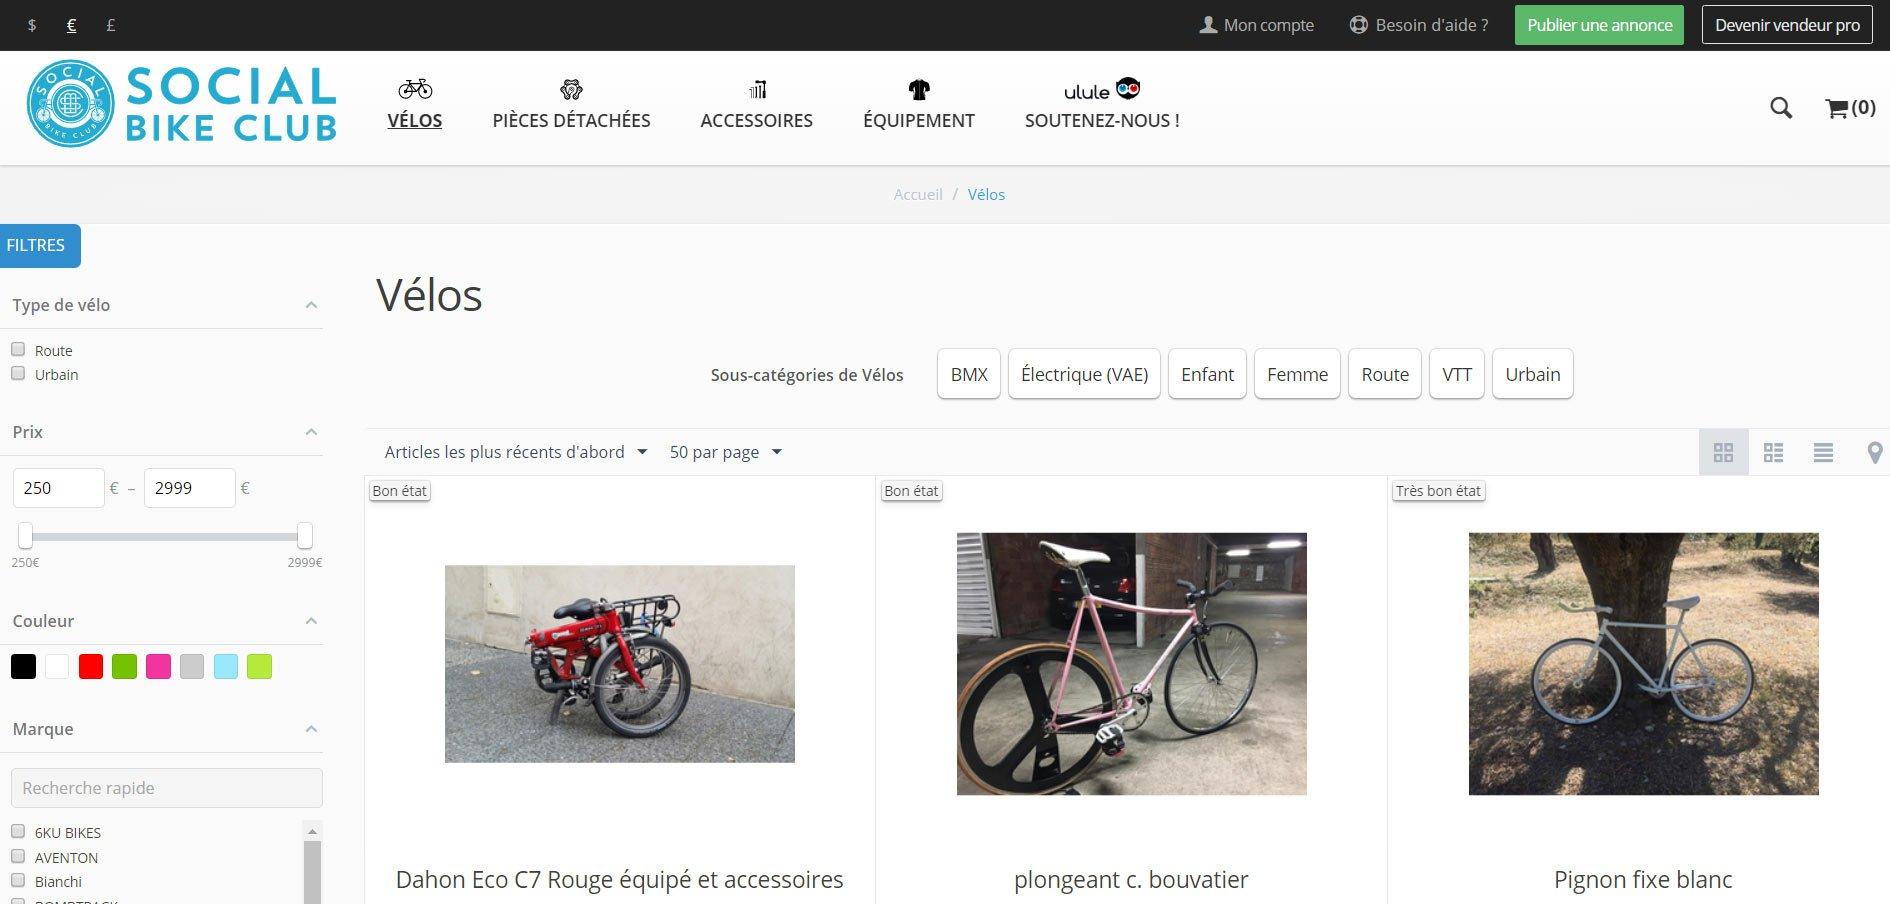 Social Bike Club, acheter et vendre son matériel de vélo